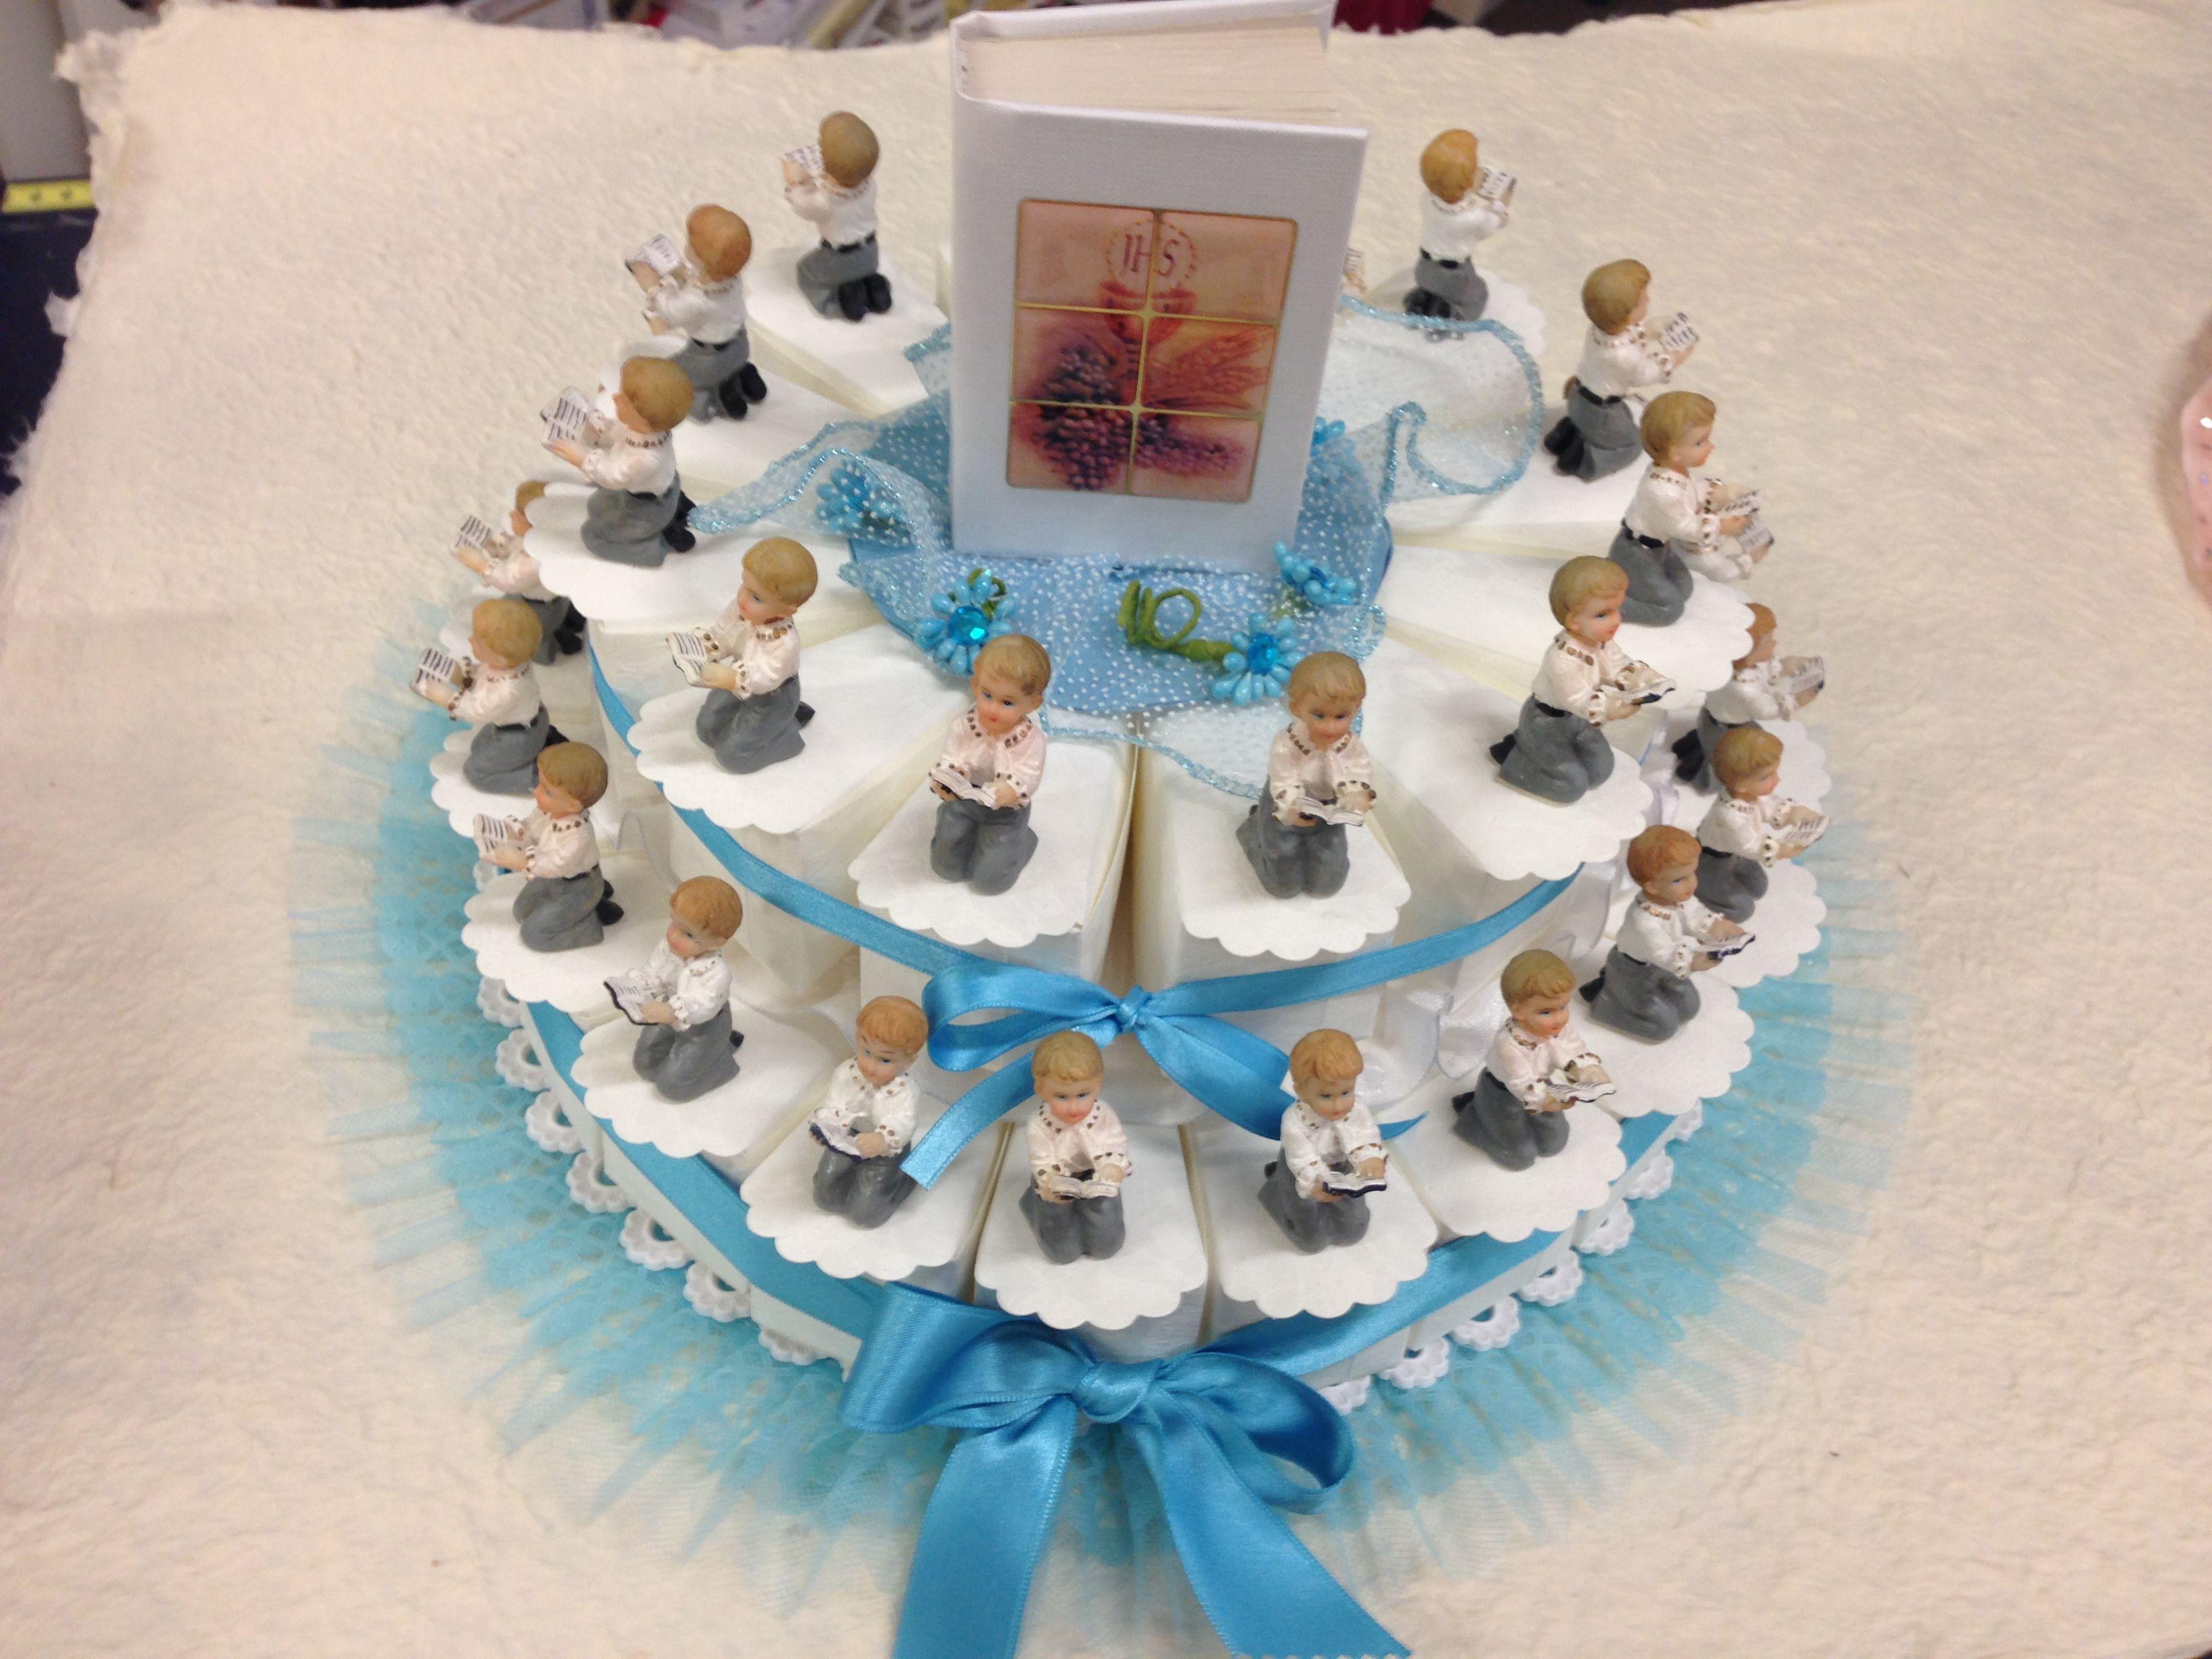 Torta con bimbi in preghiera azzurra (Children in prayer cake decorated in blue)